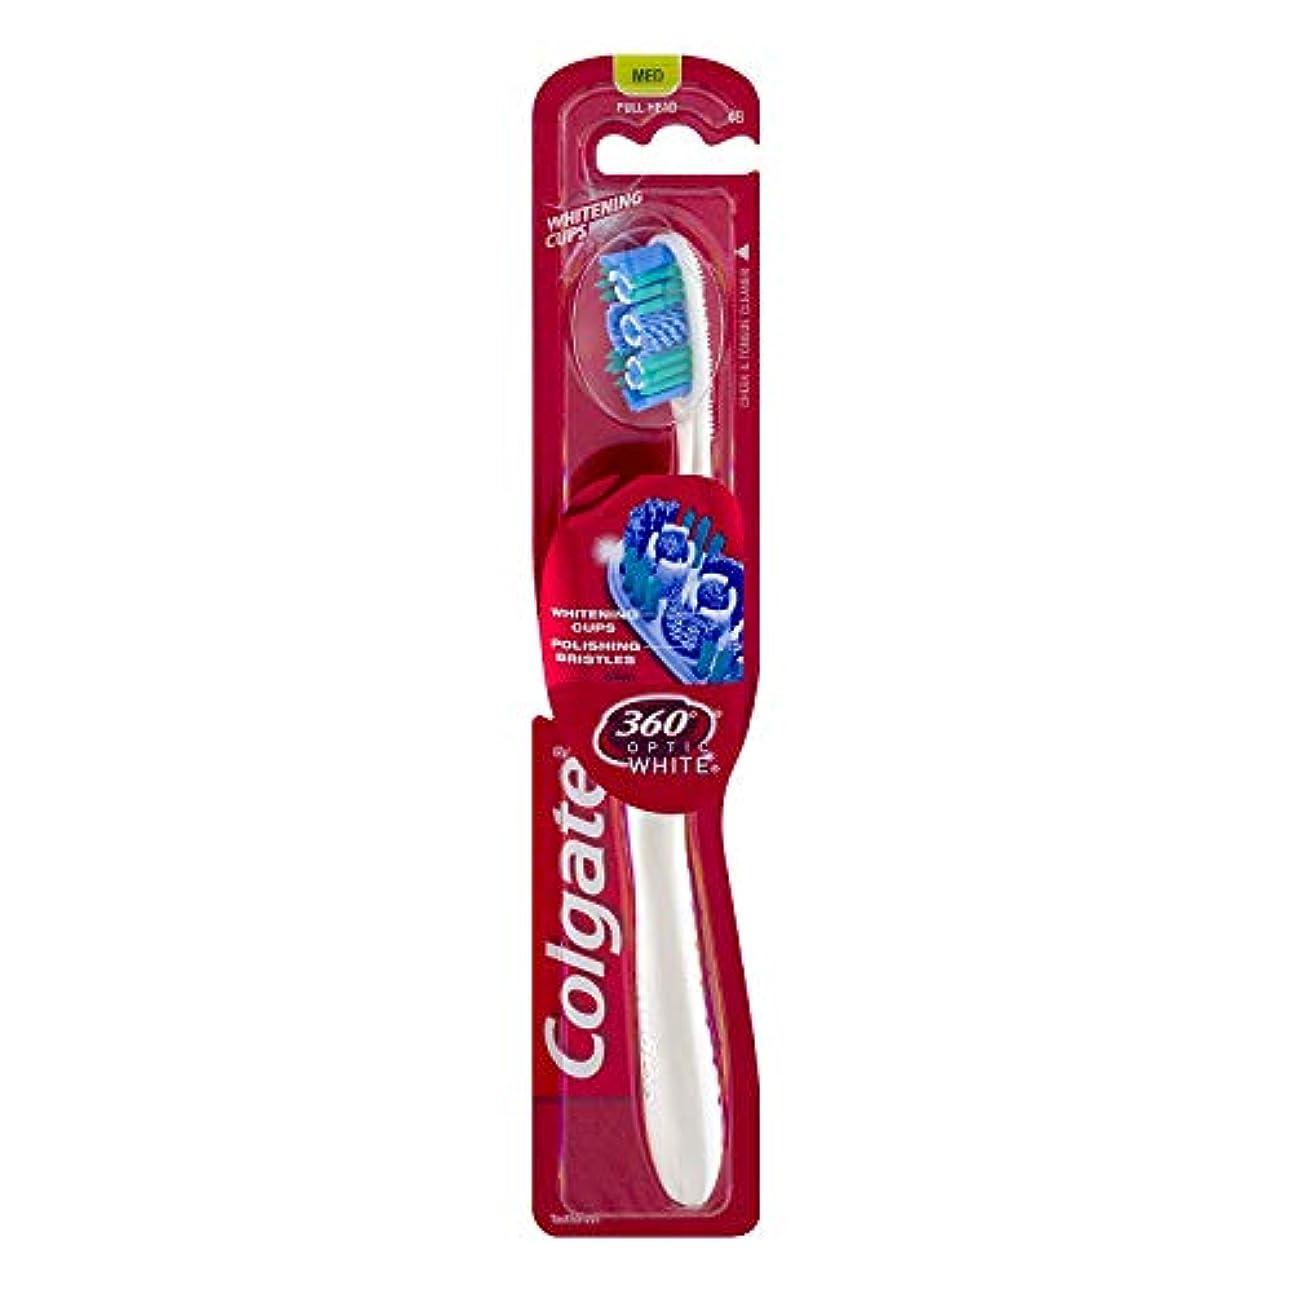 やさしい過言面倒Colgate オプティックホワイト360 Tサイズ1CTオプティックホワイト360歯ブラシメッド 1パック